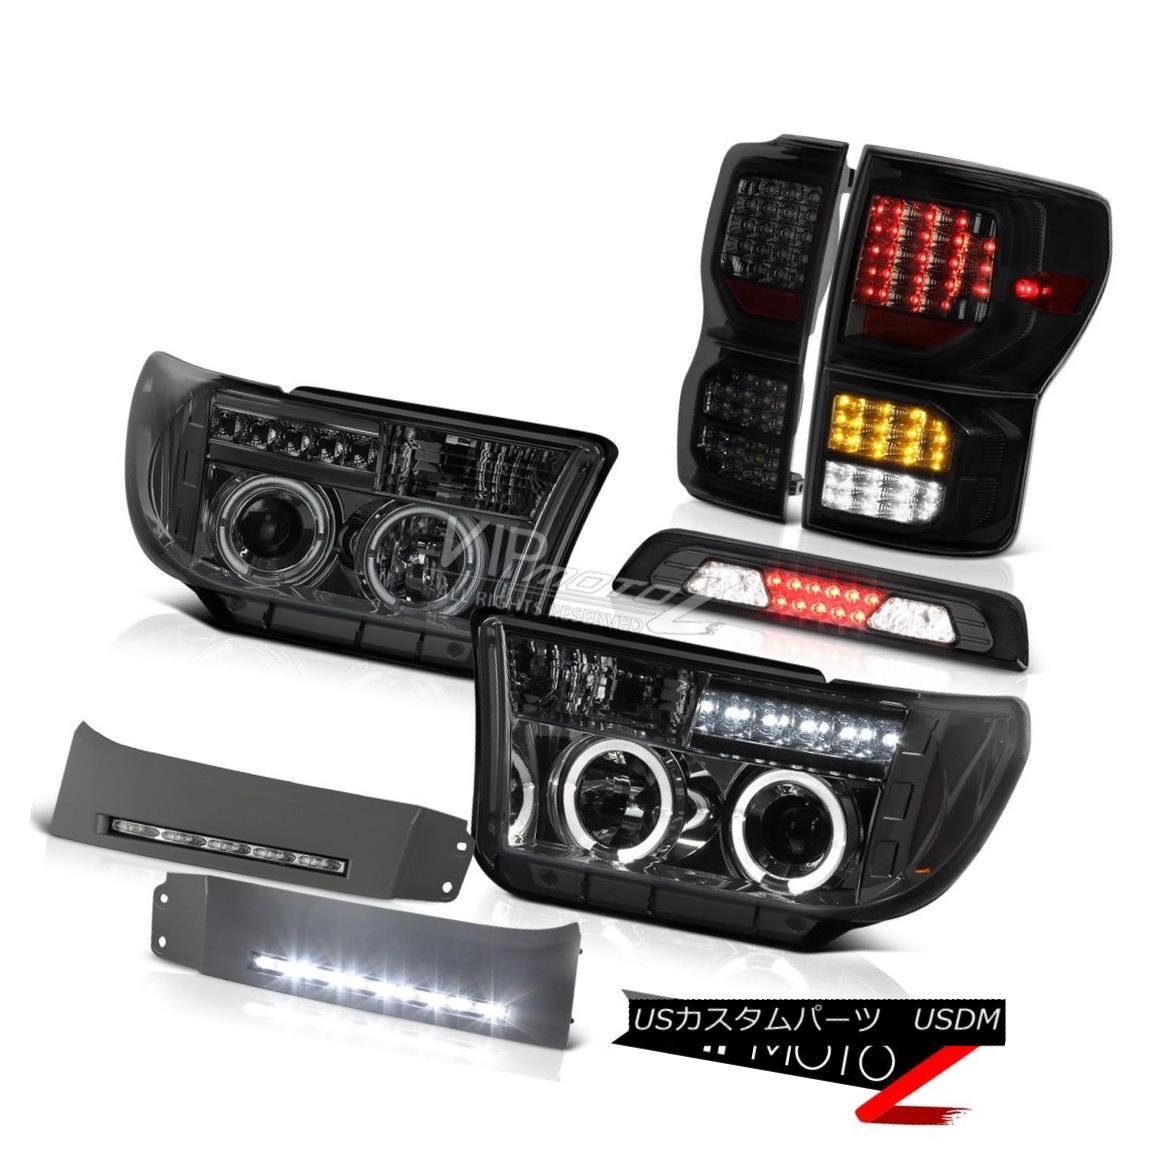 テールライト 07-13 Toyota Tundra SR5 Tail Brake Lamps Bumper DRL Third Light Headlamps LED 07-13トヨタ・トンドラSR5テール・ブレーキ・ランプバンパーDRL第3ライト・ヘッドランプLED